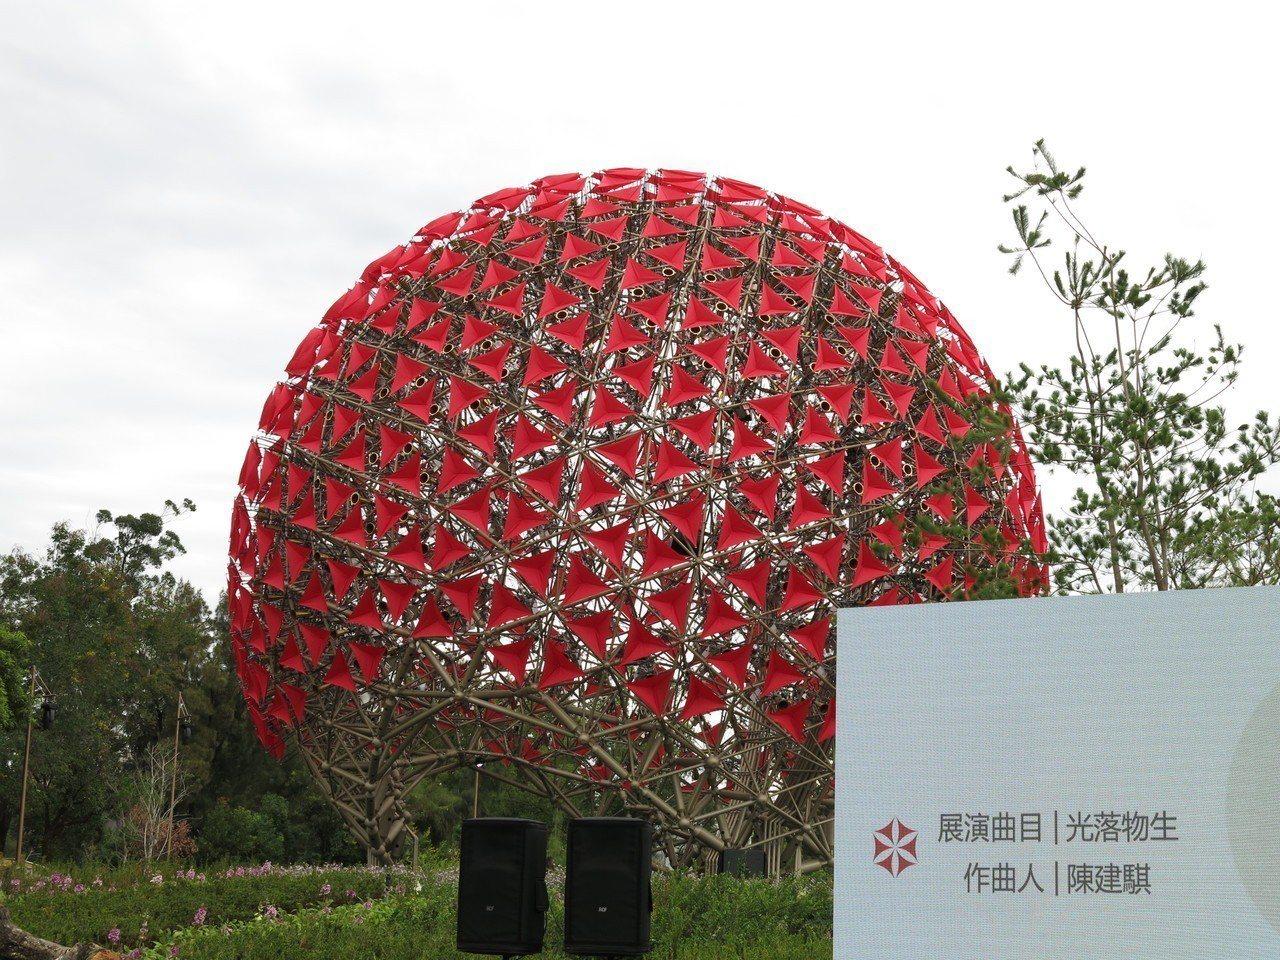 后里森林園區內的「聆聽花開的聲音」大型裝置藝術,由697朵火紅色小花,形塑出一朵...